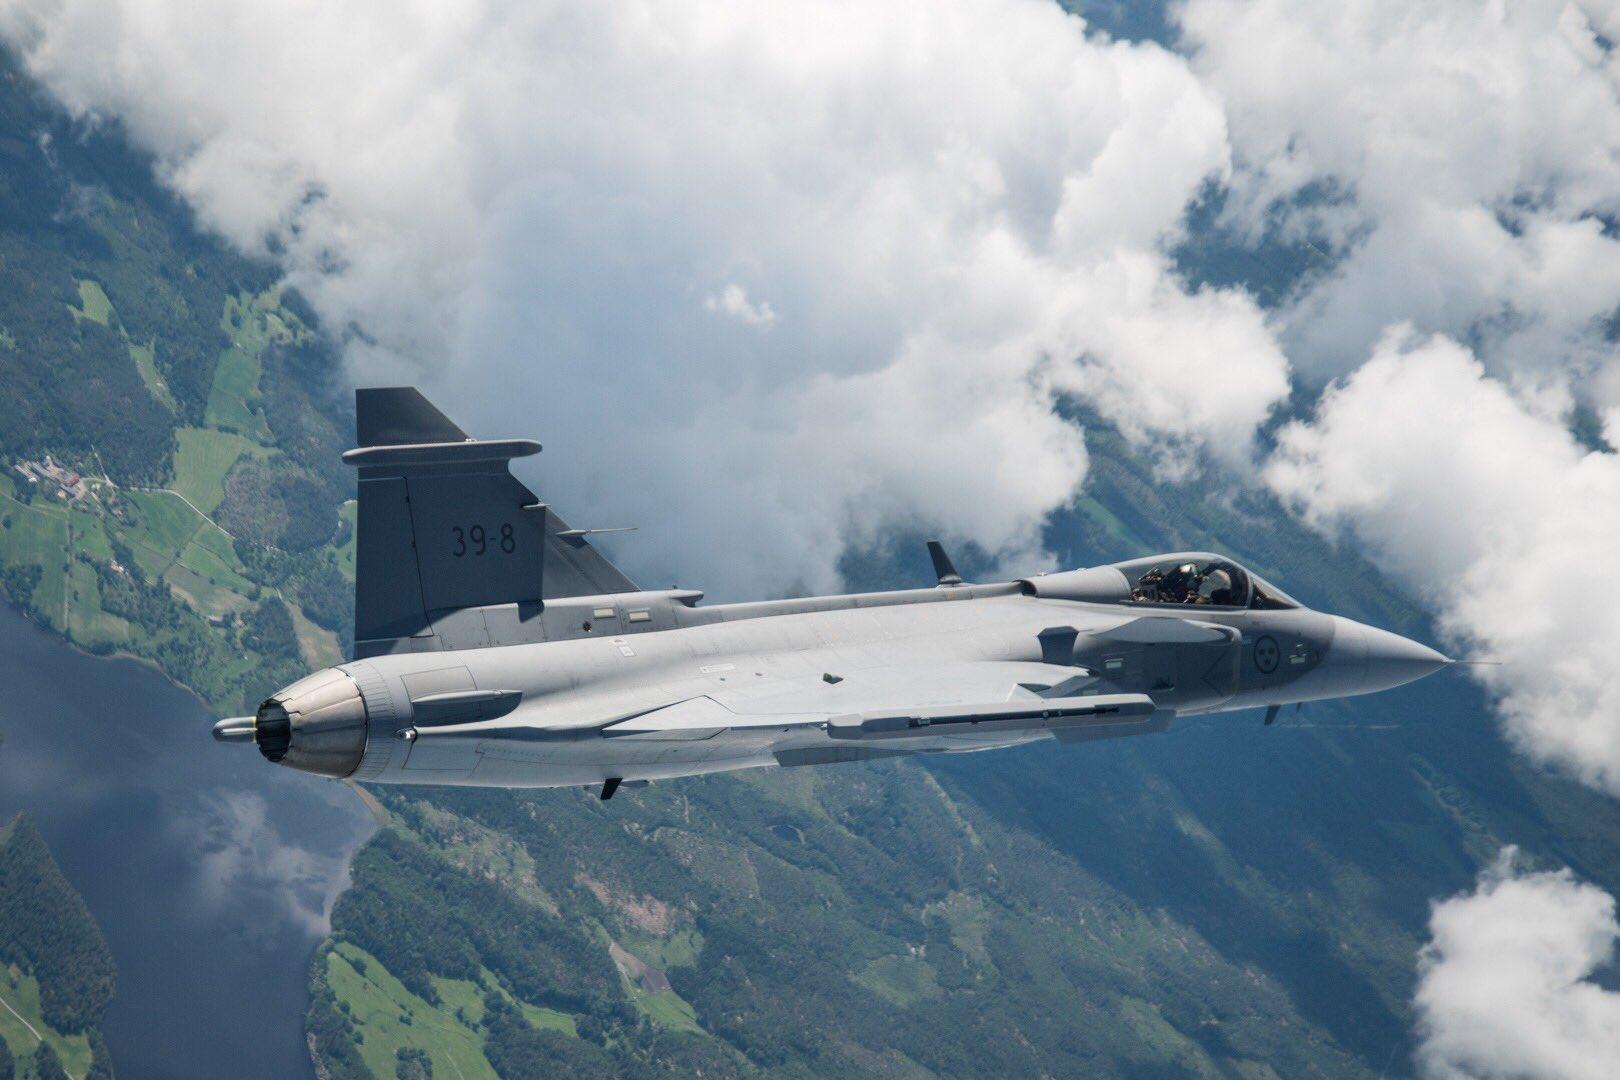 Первый опытный образец истребителя Saab JAS-39E Gripen (Gripen E, бортовой номер 39-08) в первом полете. 15.06.2017.